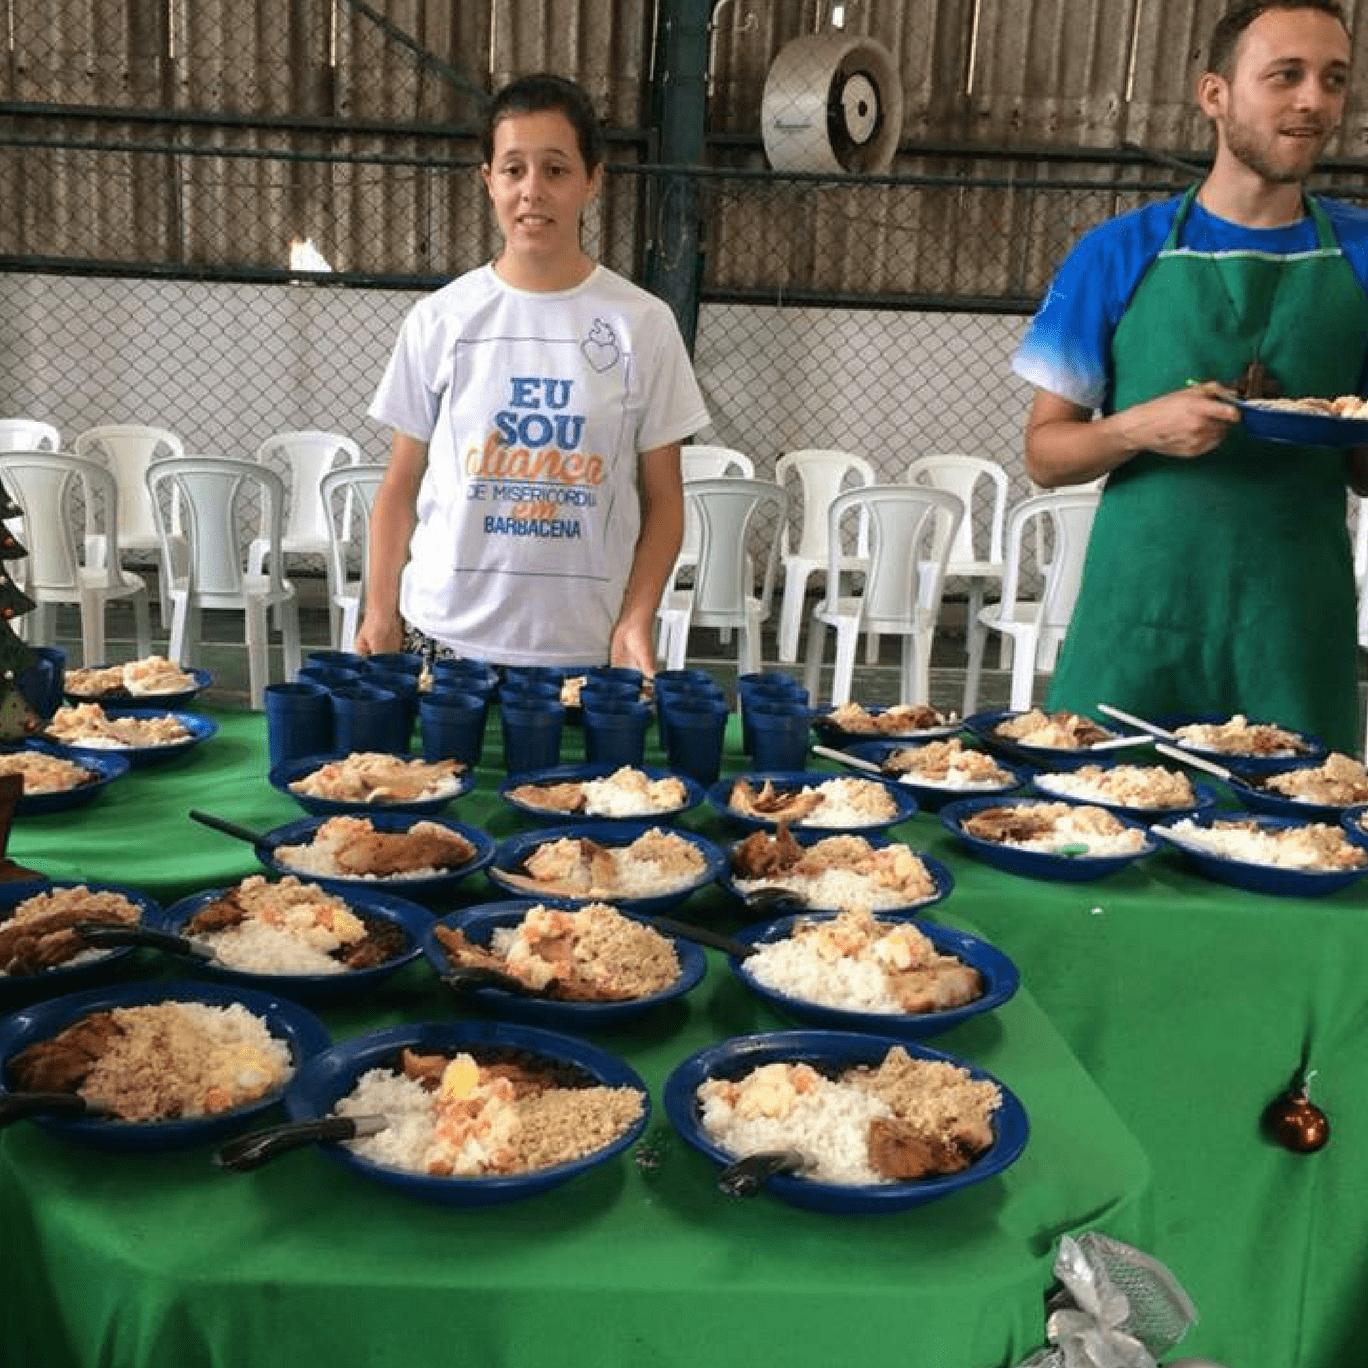 Voluntária ajuda a servir refeições ao povo de rua